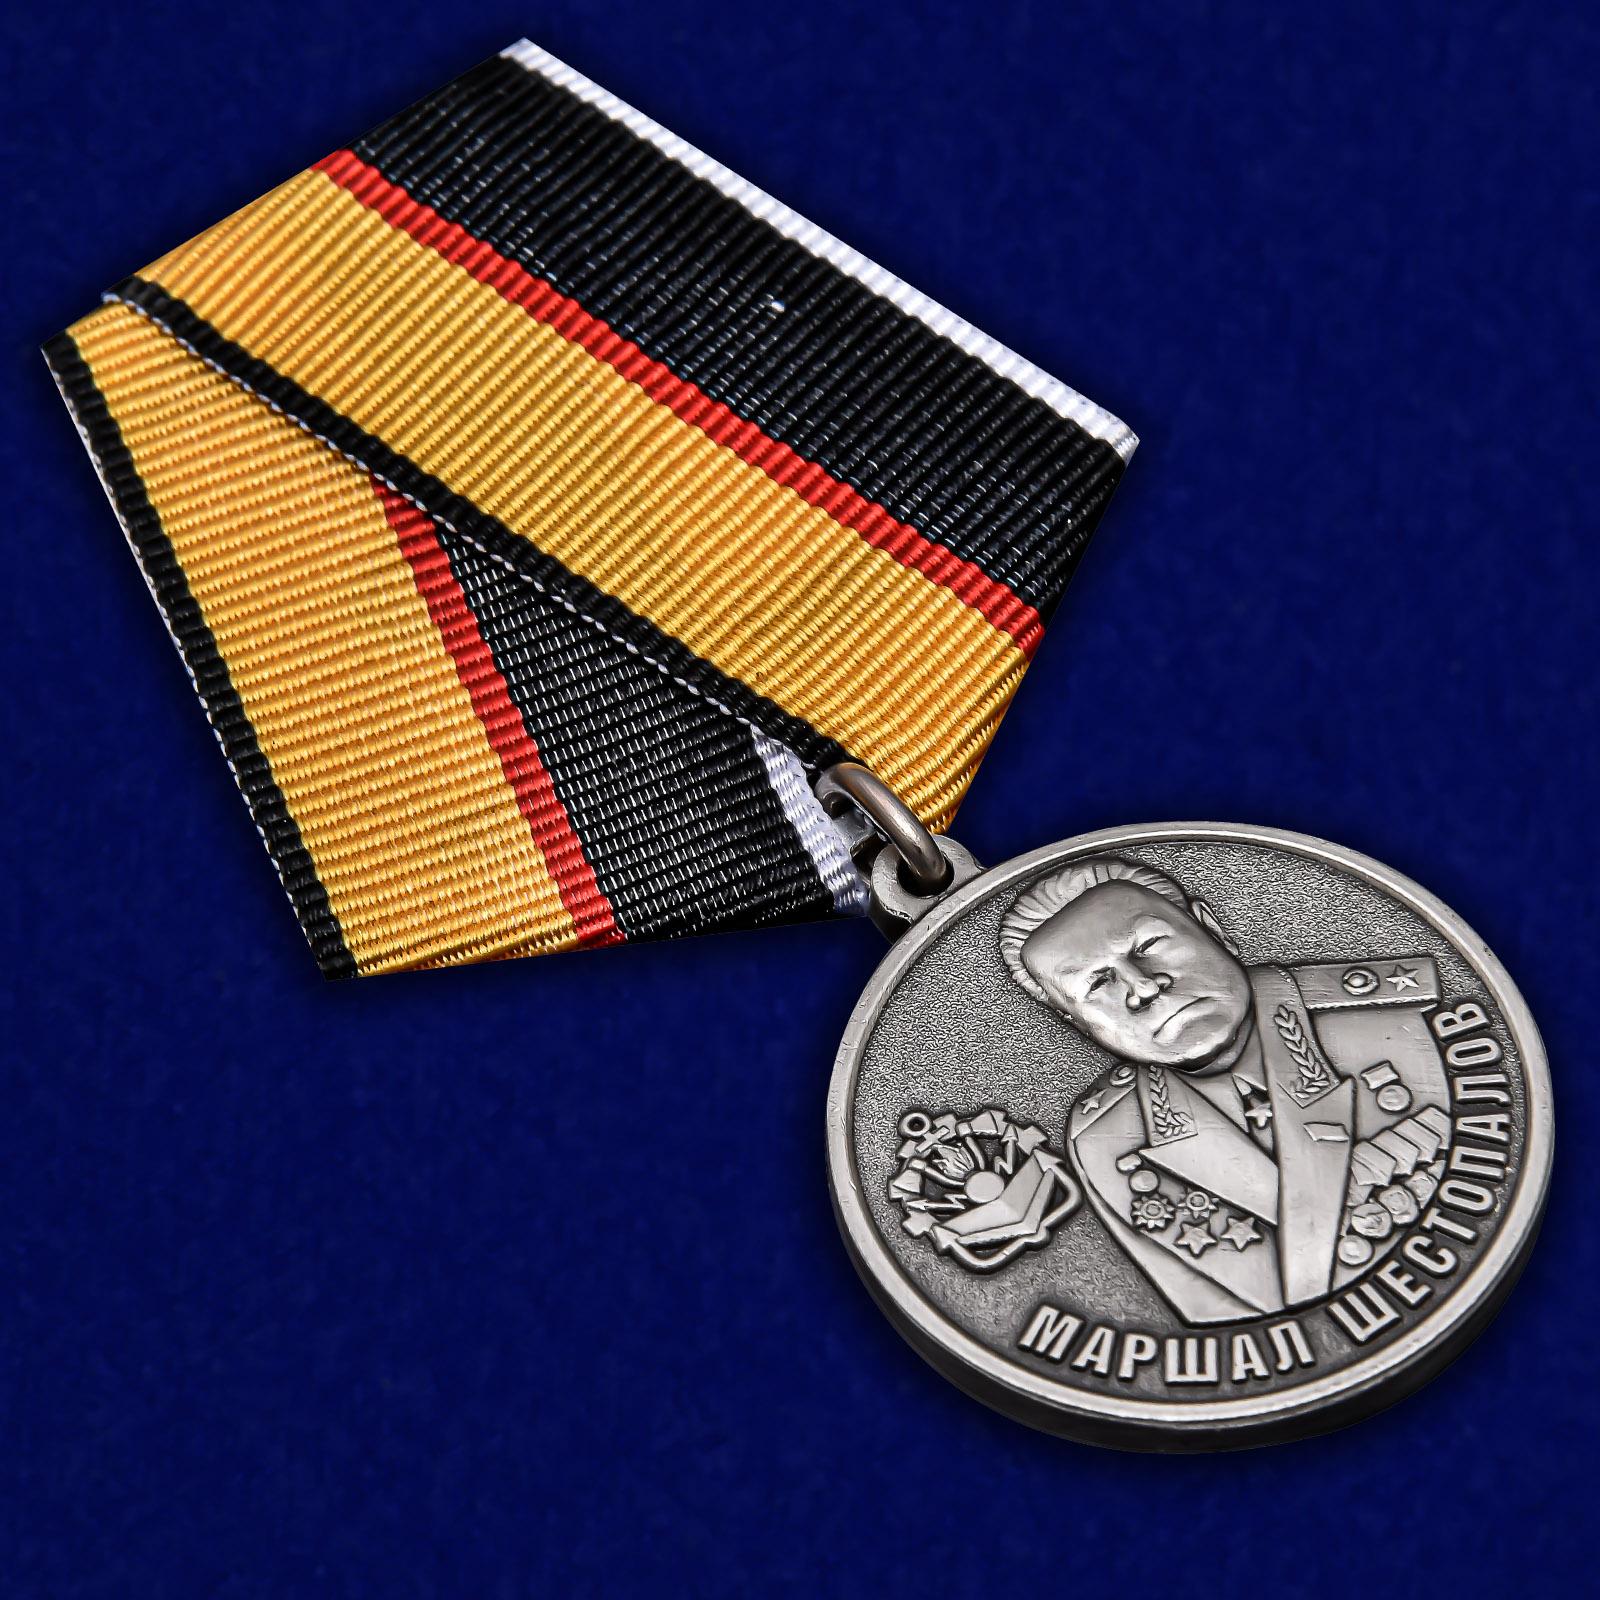 Памятная медаль Маршал Шестопалов МО РФ - общий вид